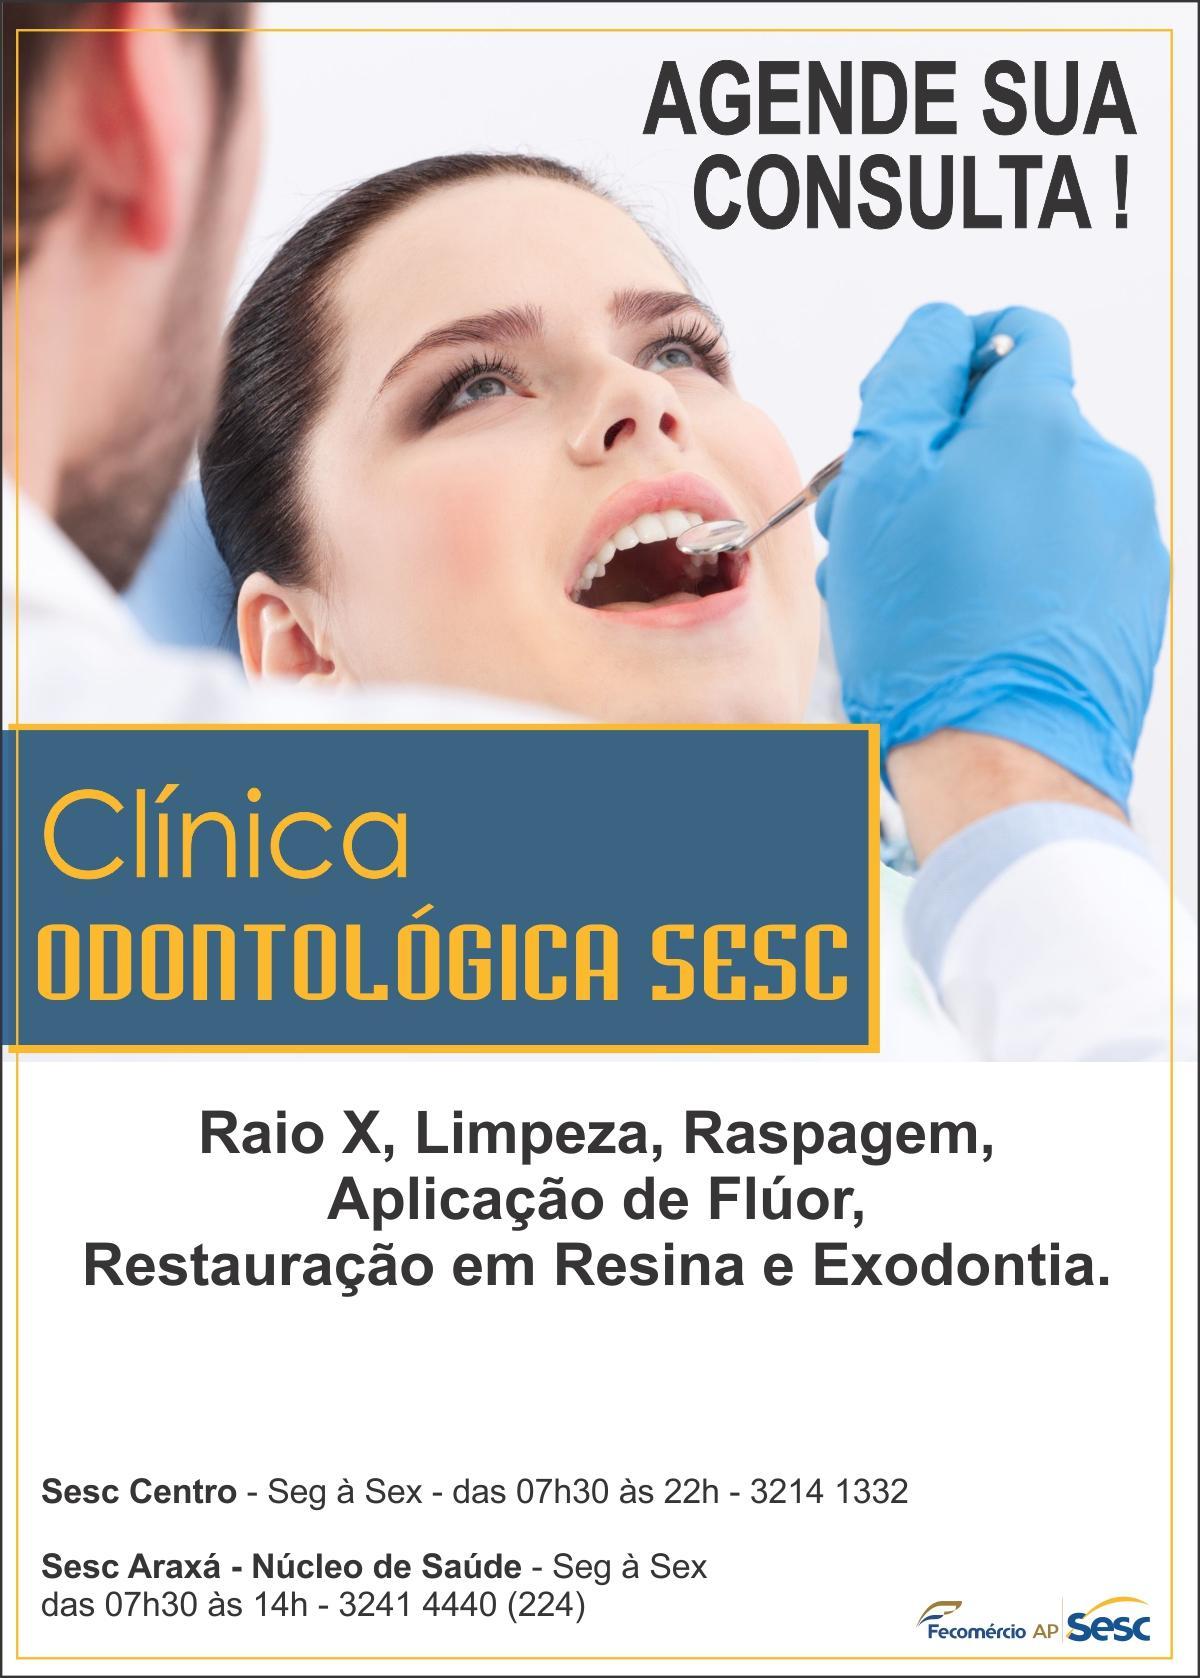 Clínica Odontológica Sesc